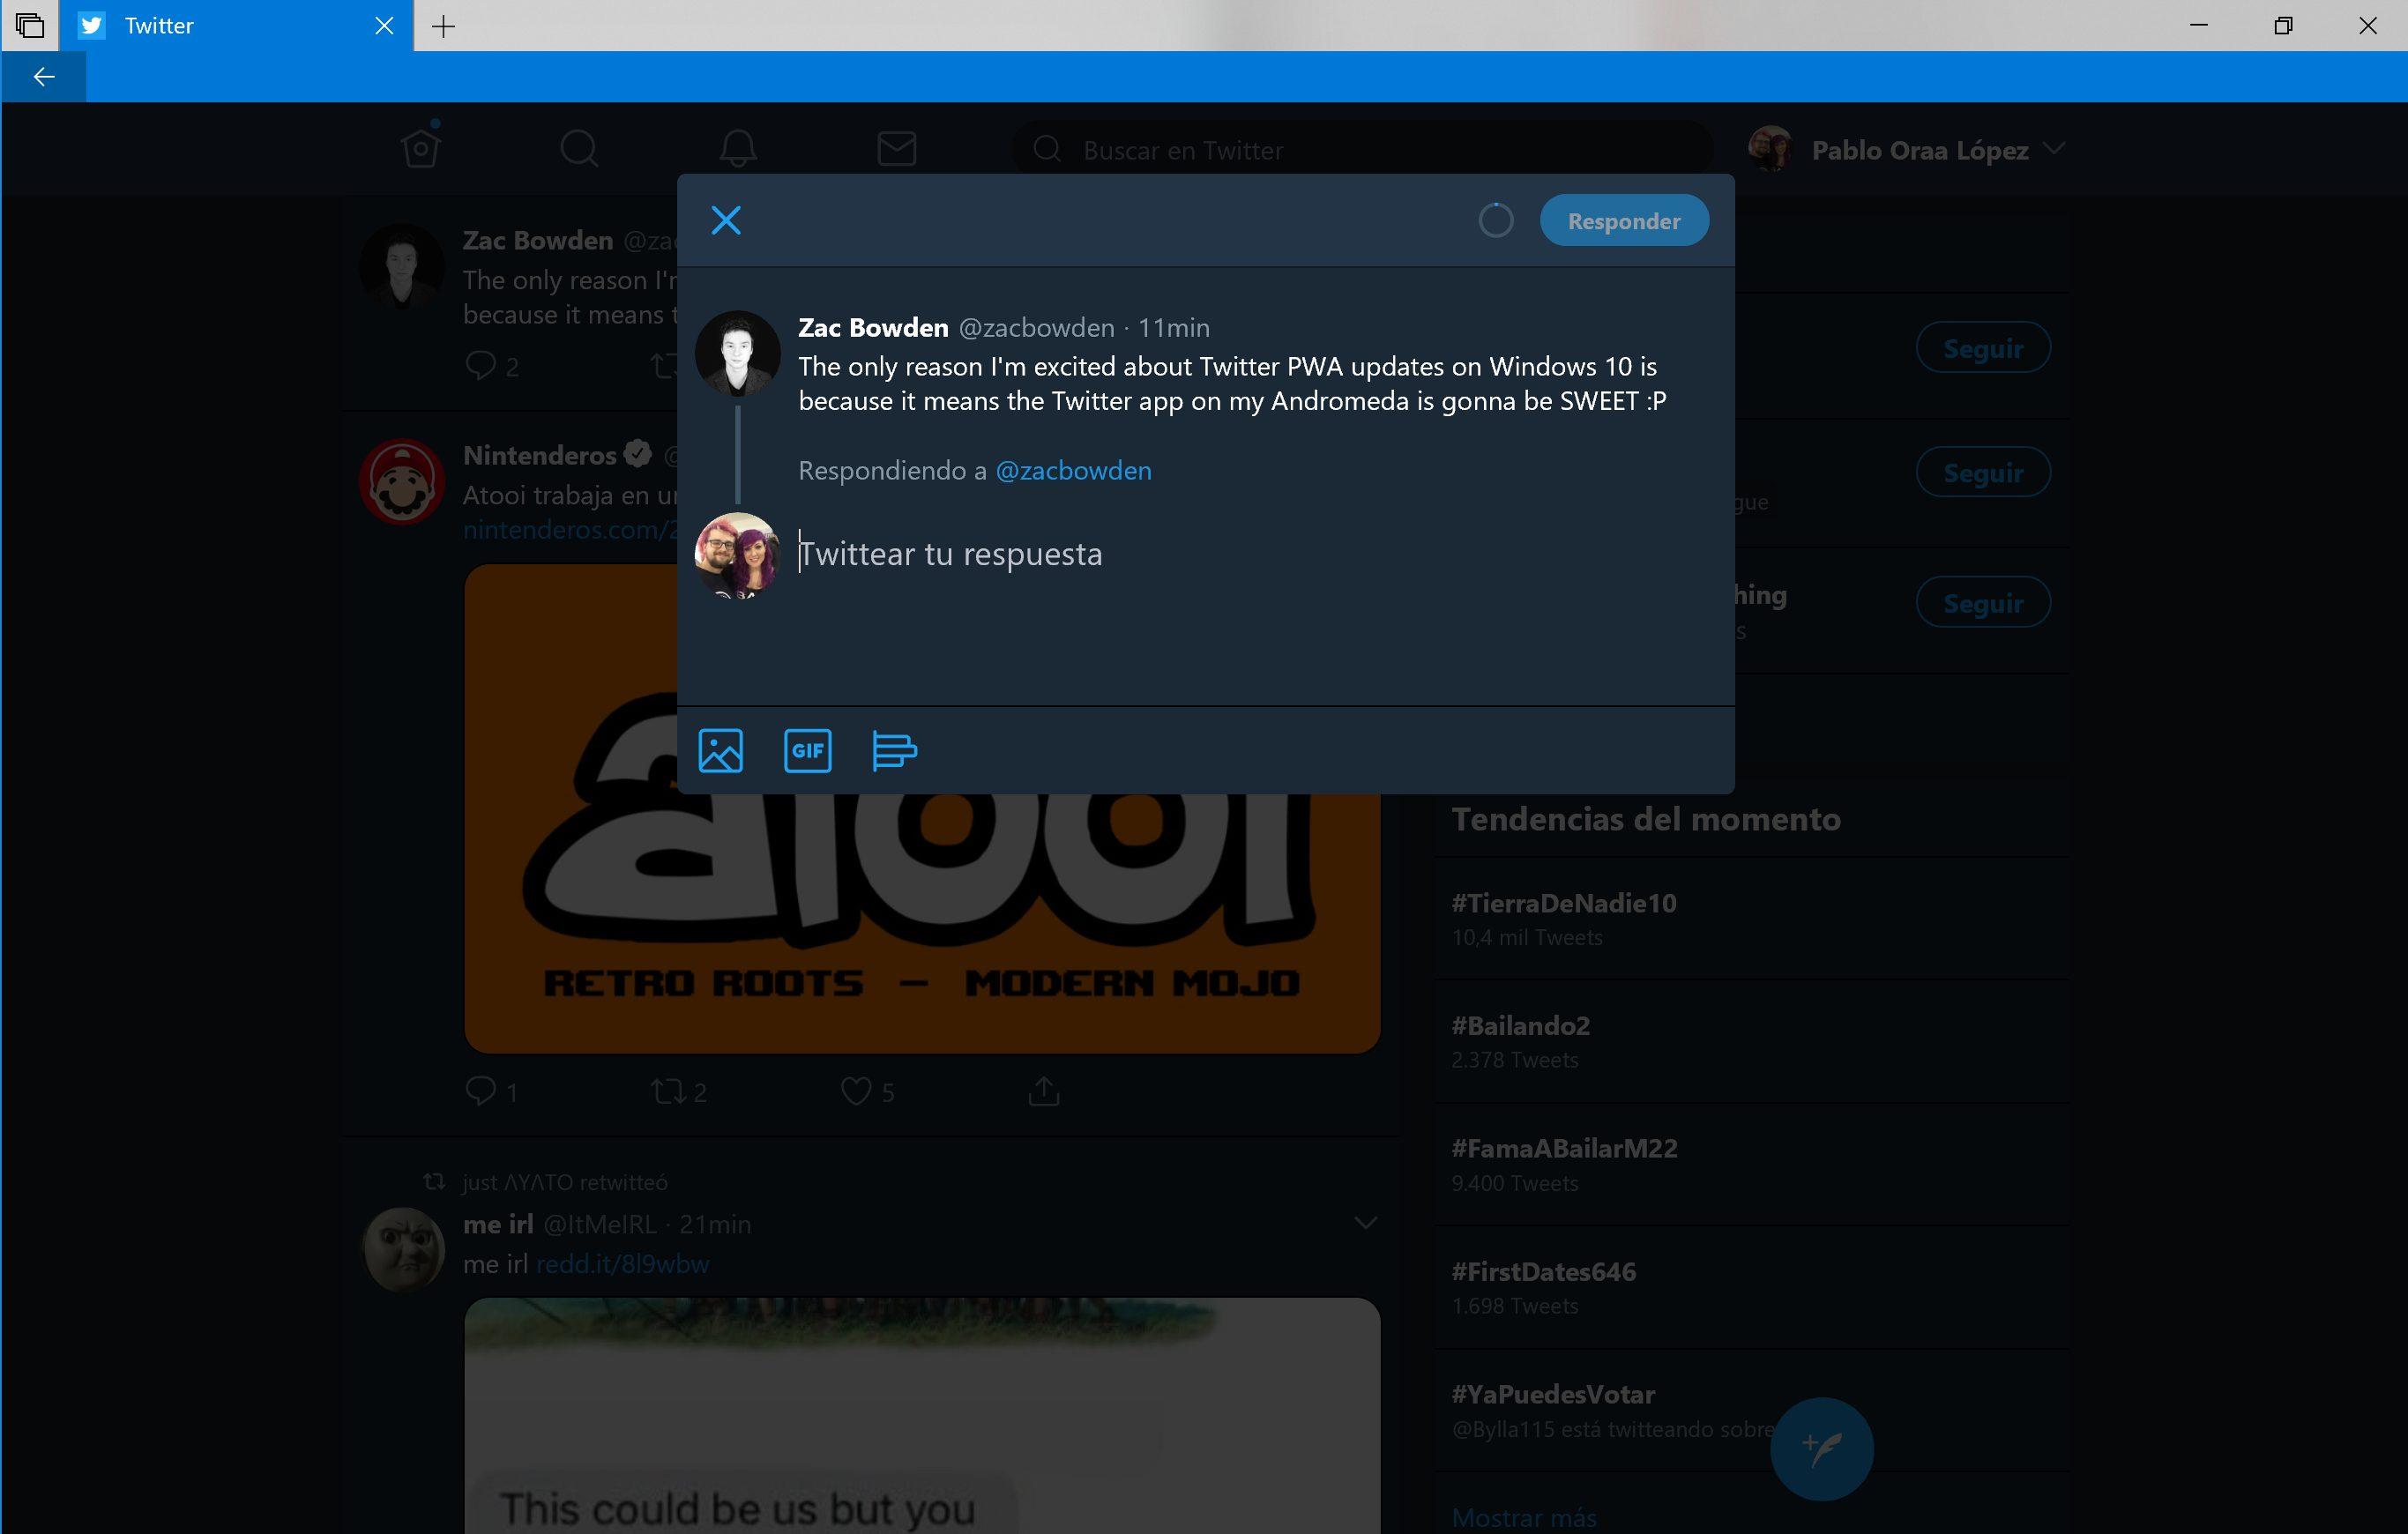 Nueva interfaz de creación de Tweet en Twitter